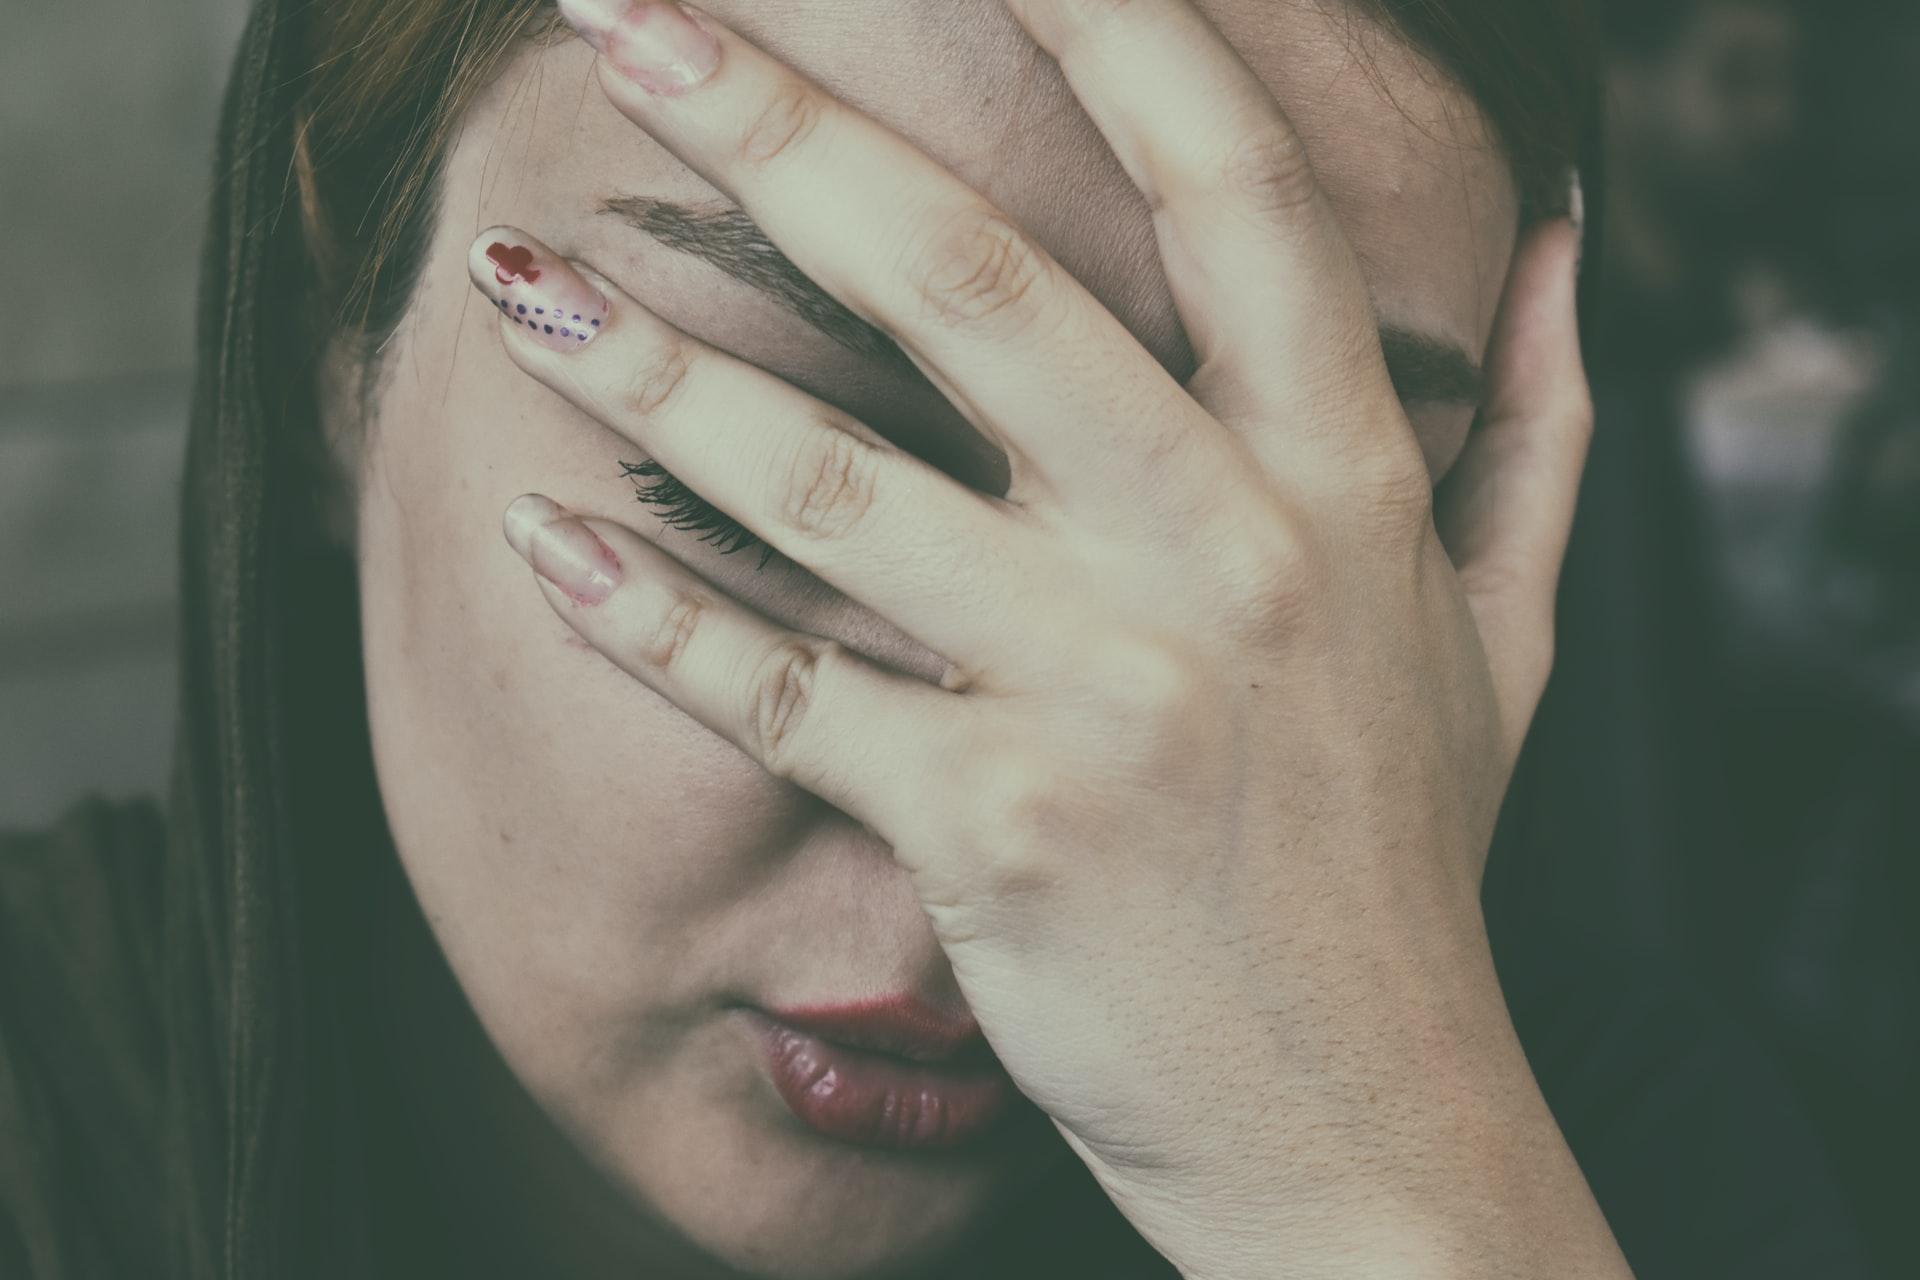 Come avete superato la nausea in gravidanza?